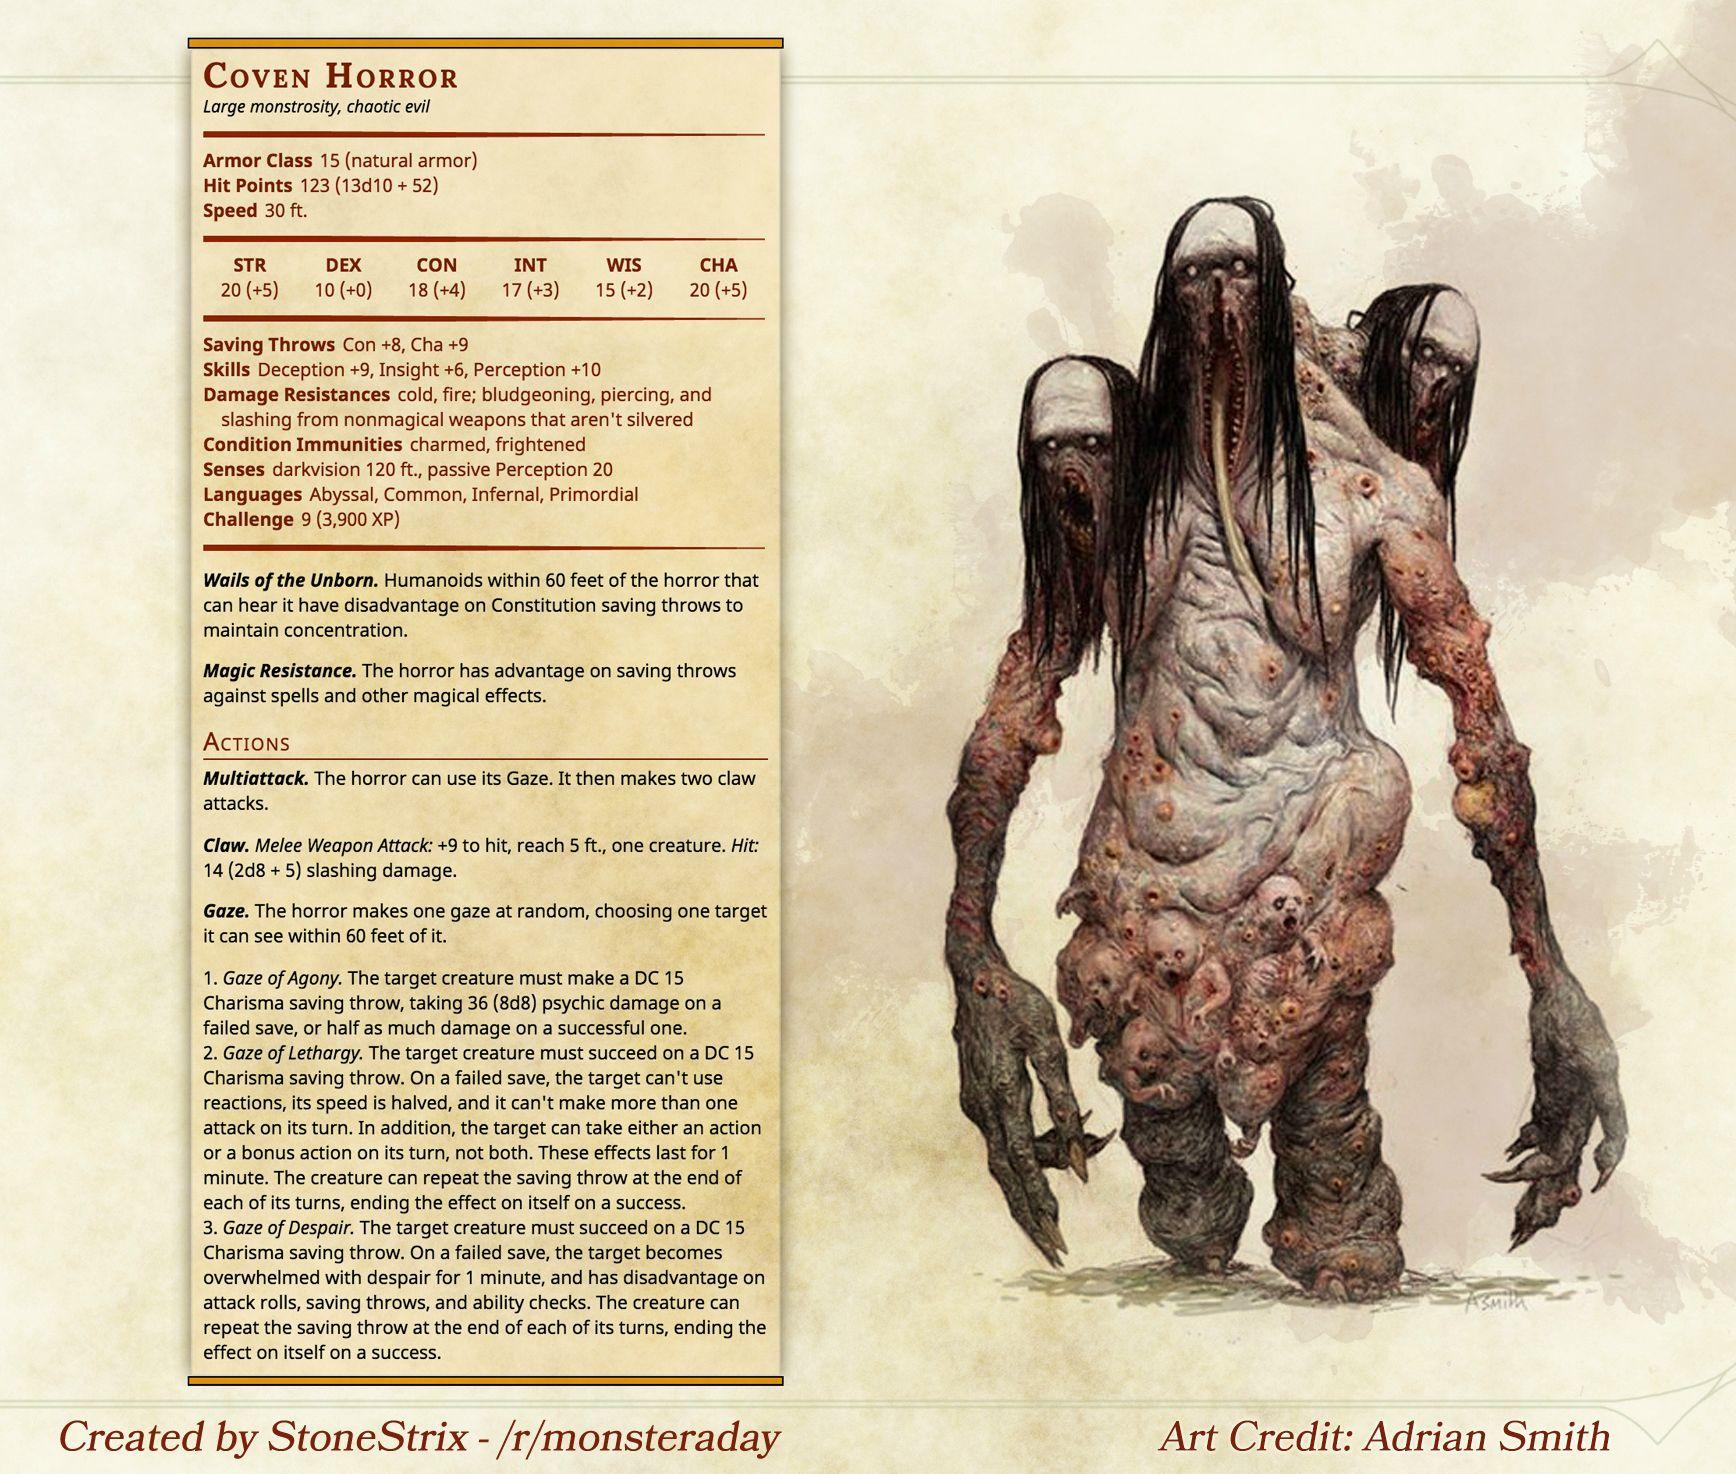 Coven_Horror.jpg